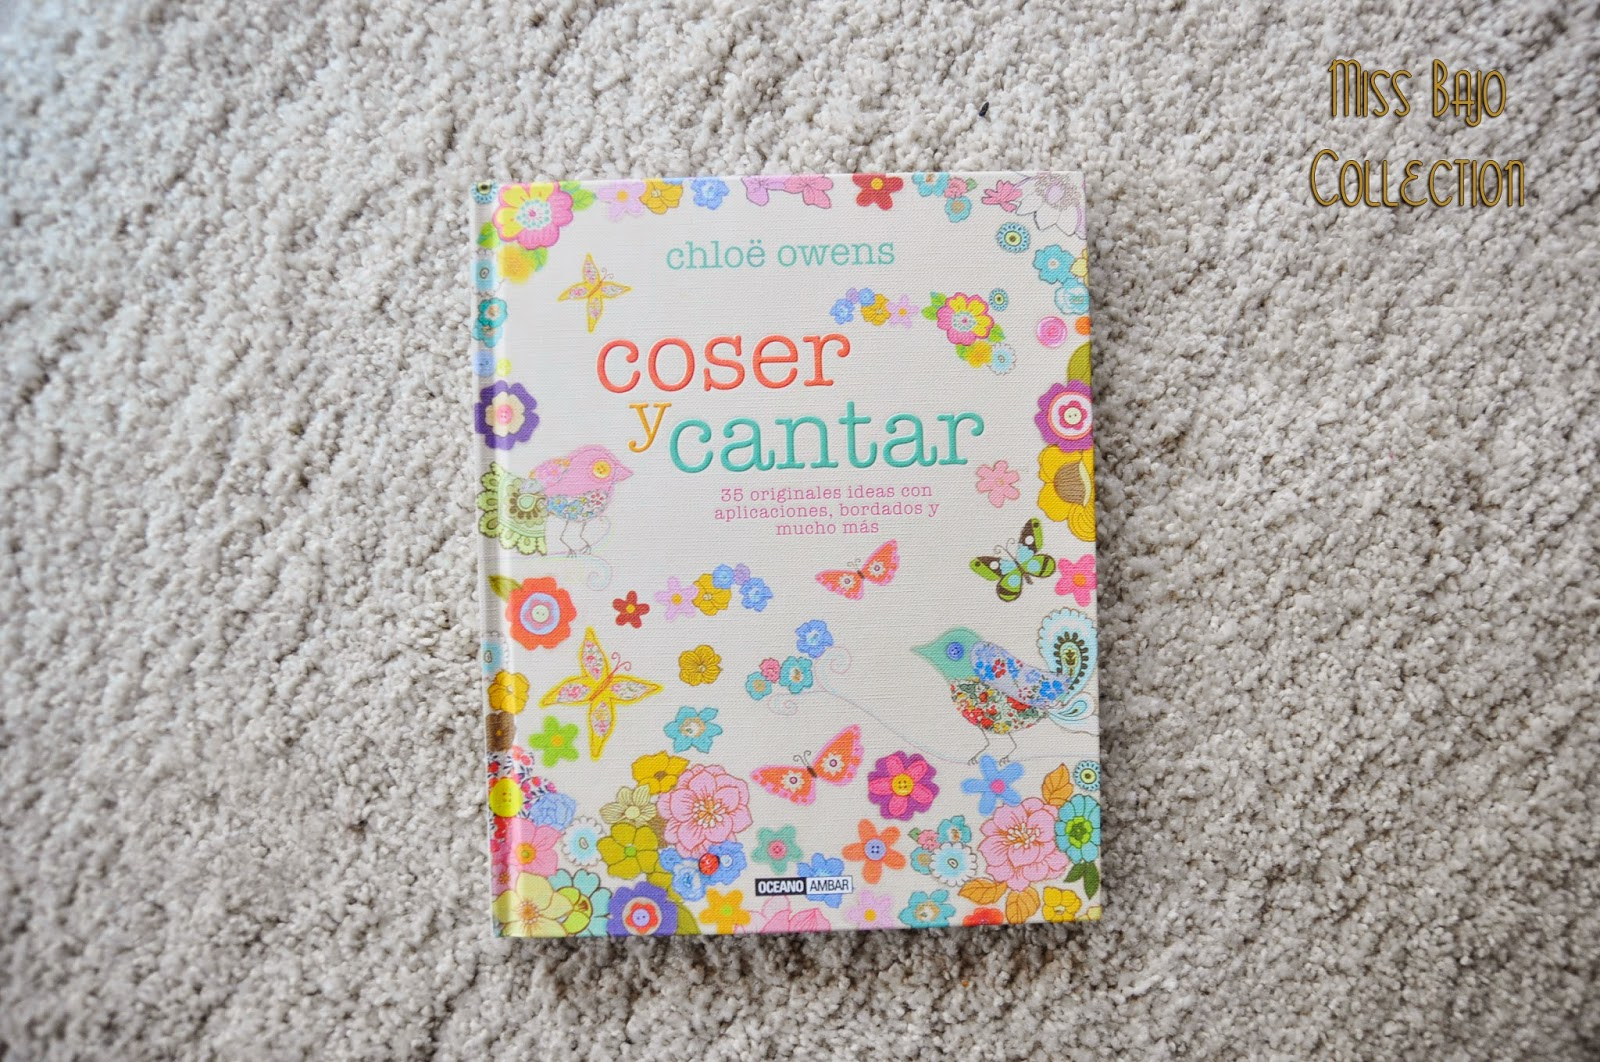 ideas de costura Coser Y Cantar 35 Originales Ideas Con Aplicaciones